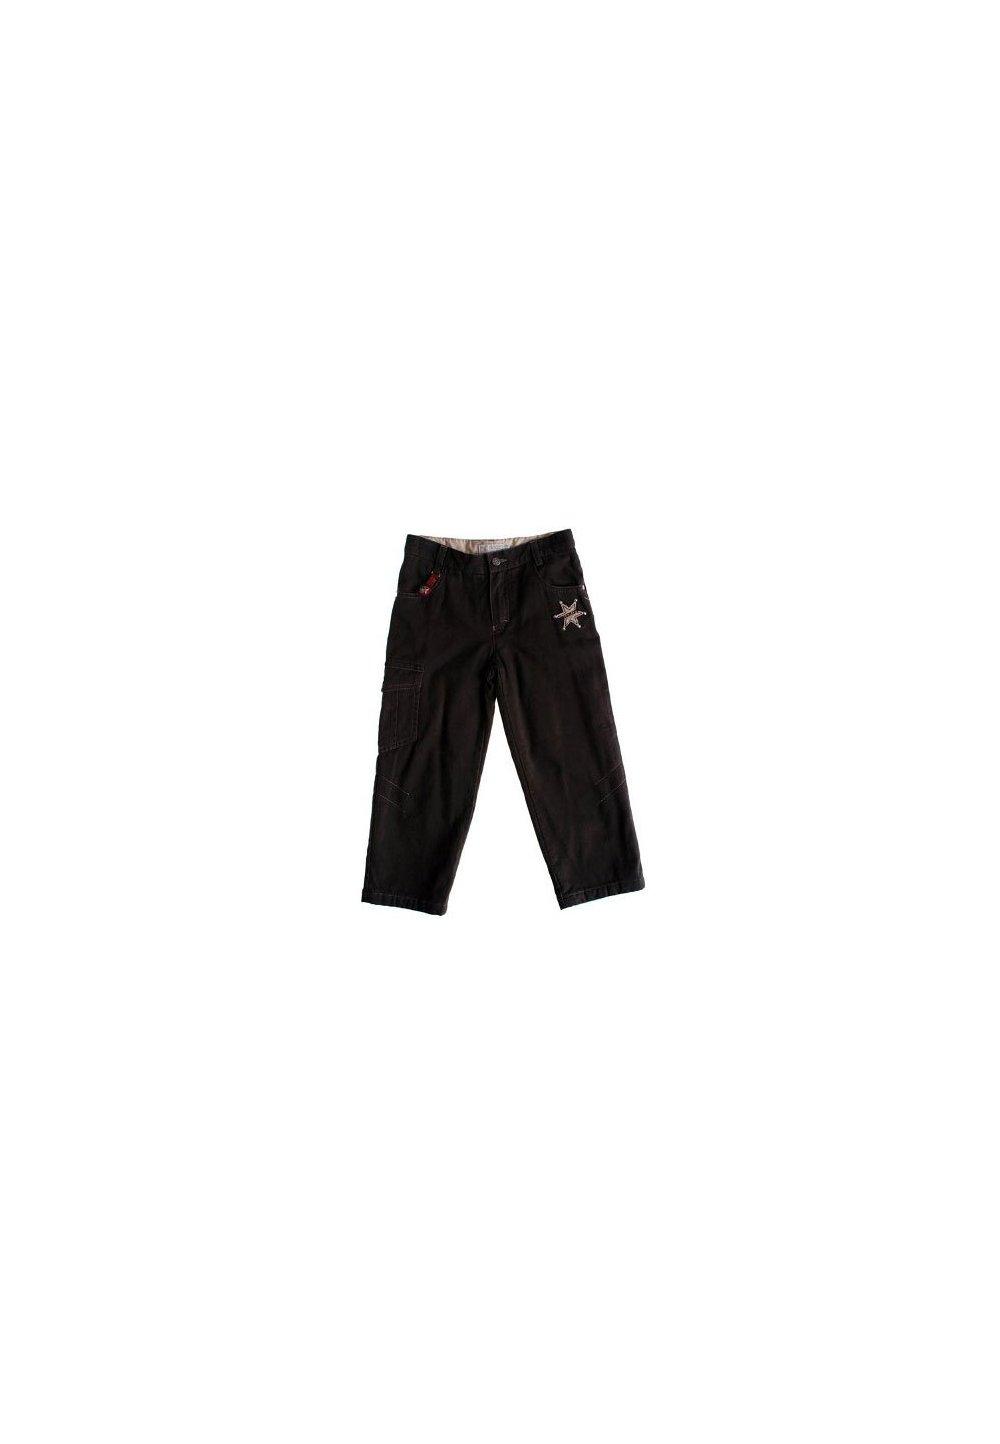 Pantaloni 2a Szeryf